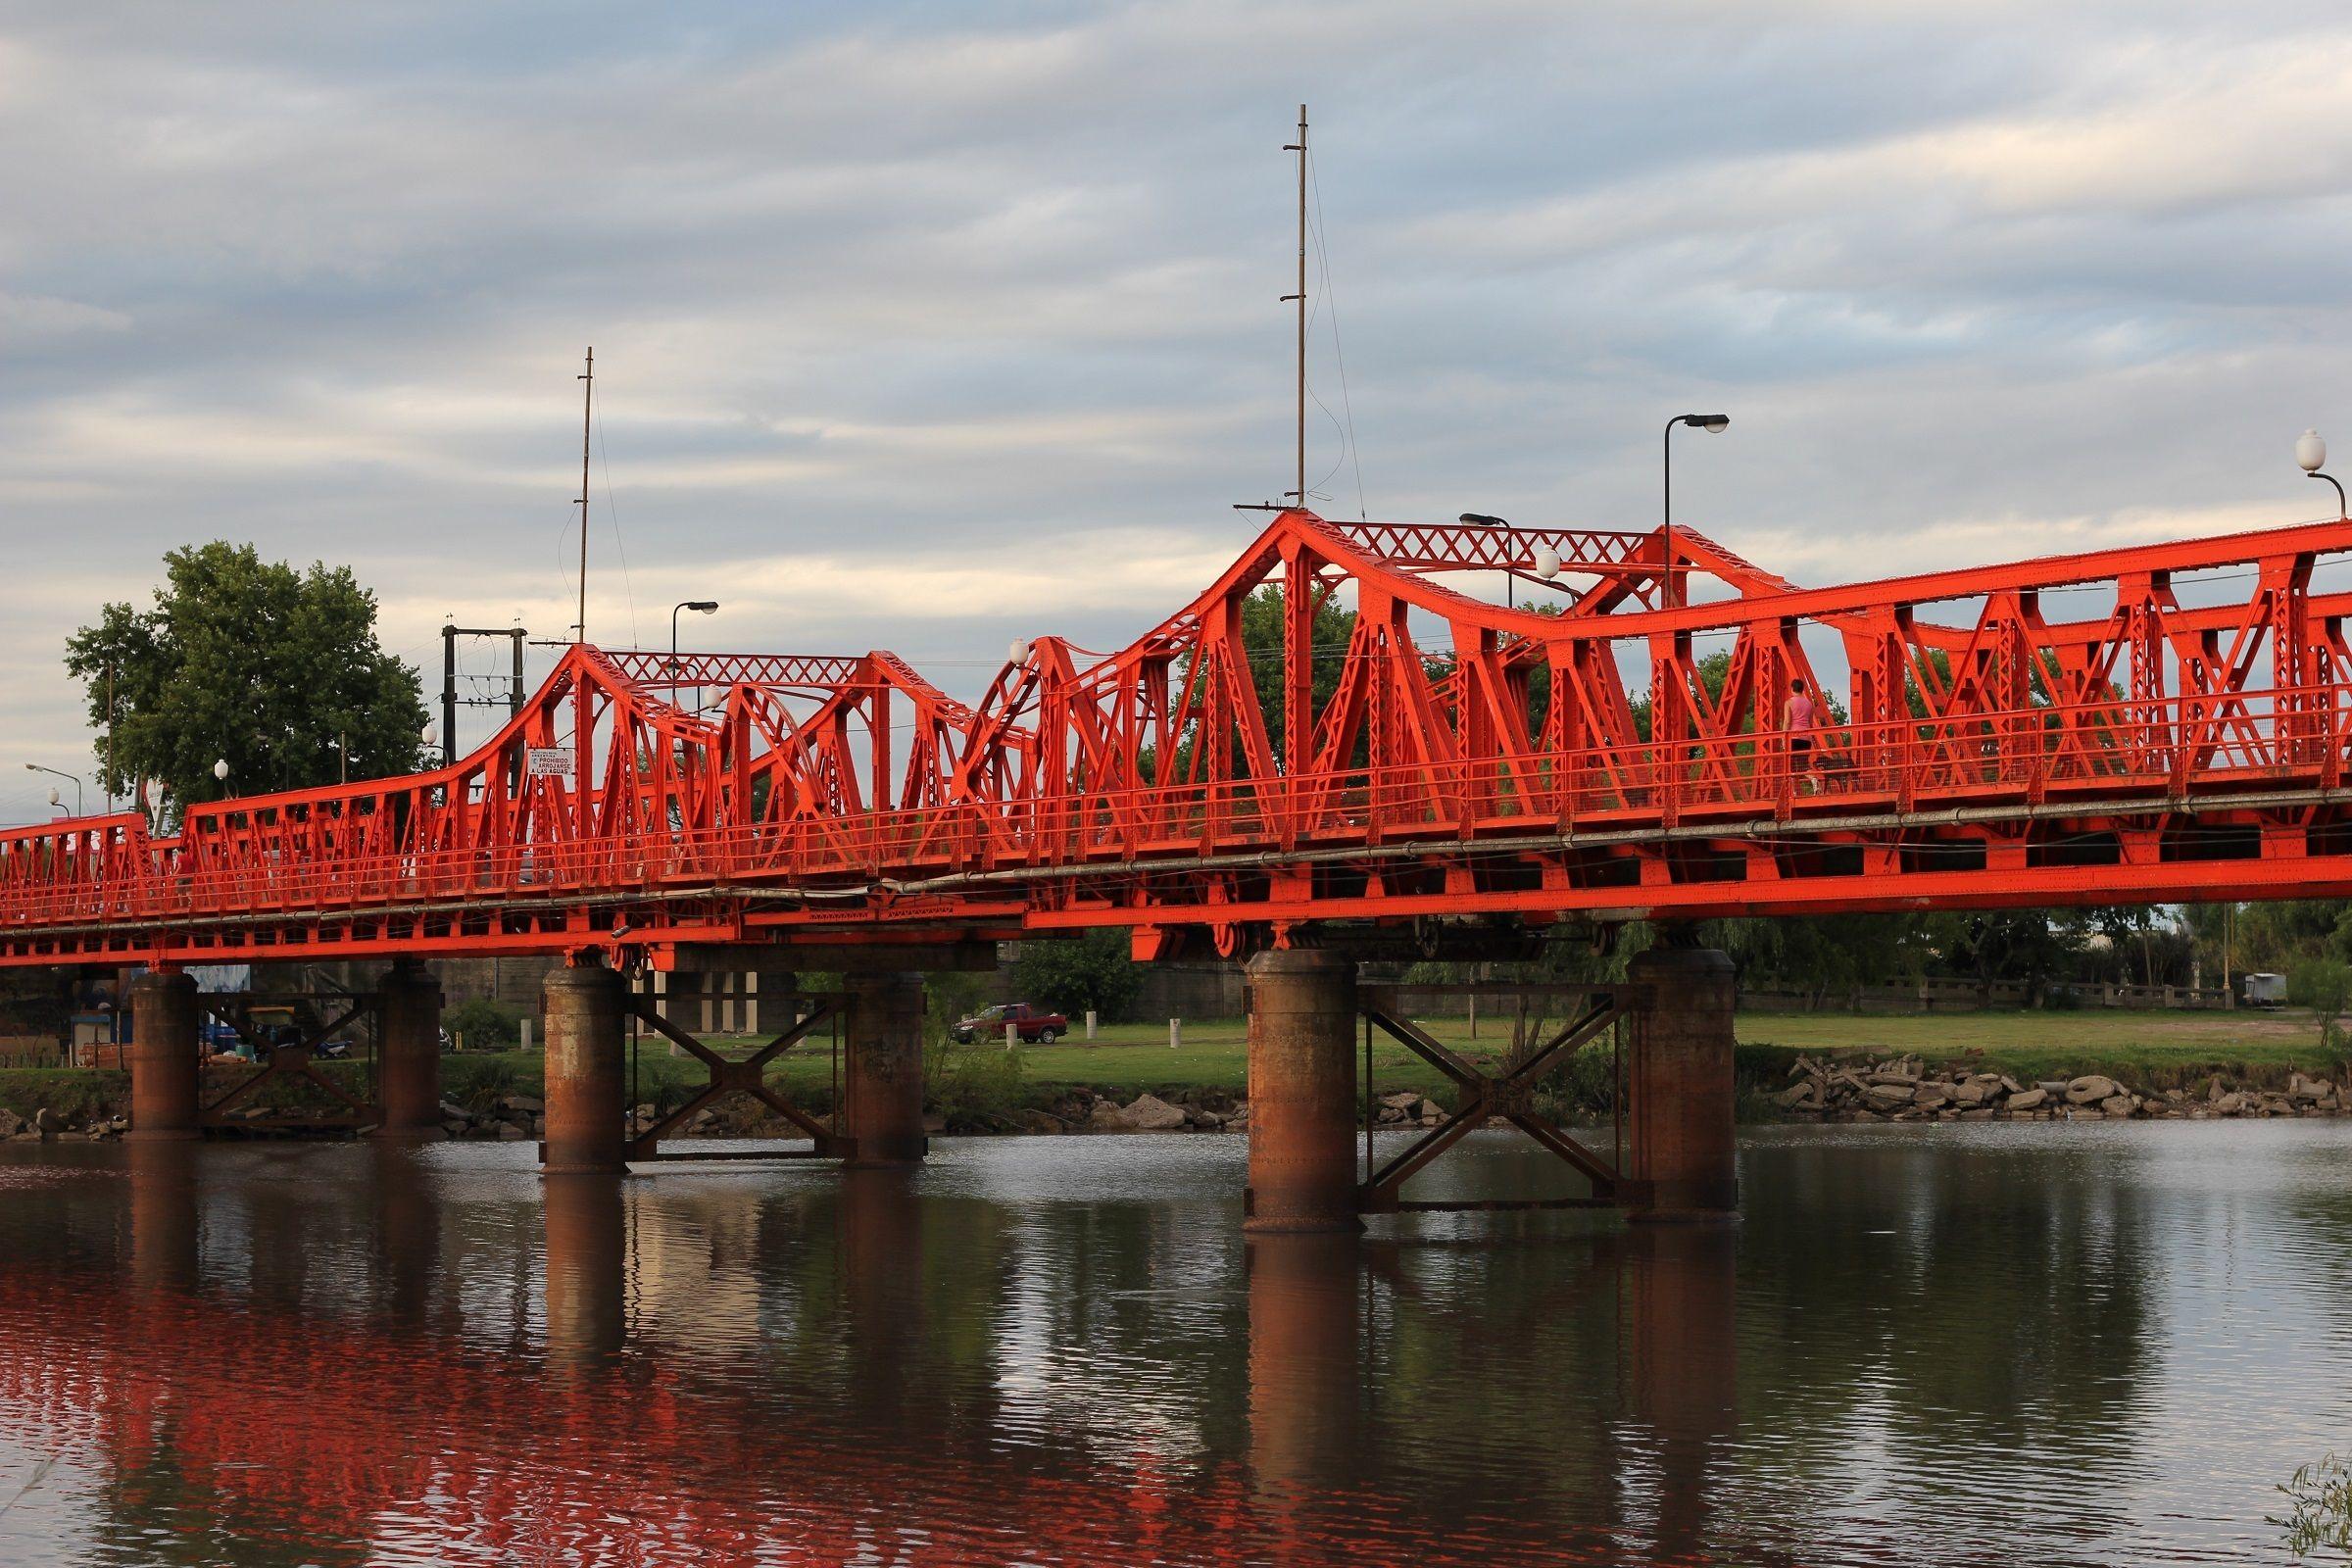 Buscan a un hombre que cayó desde un puente al río en Gualeguaychú